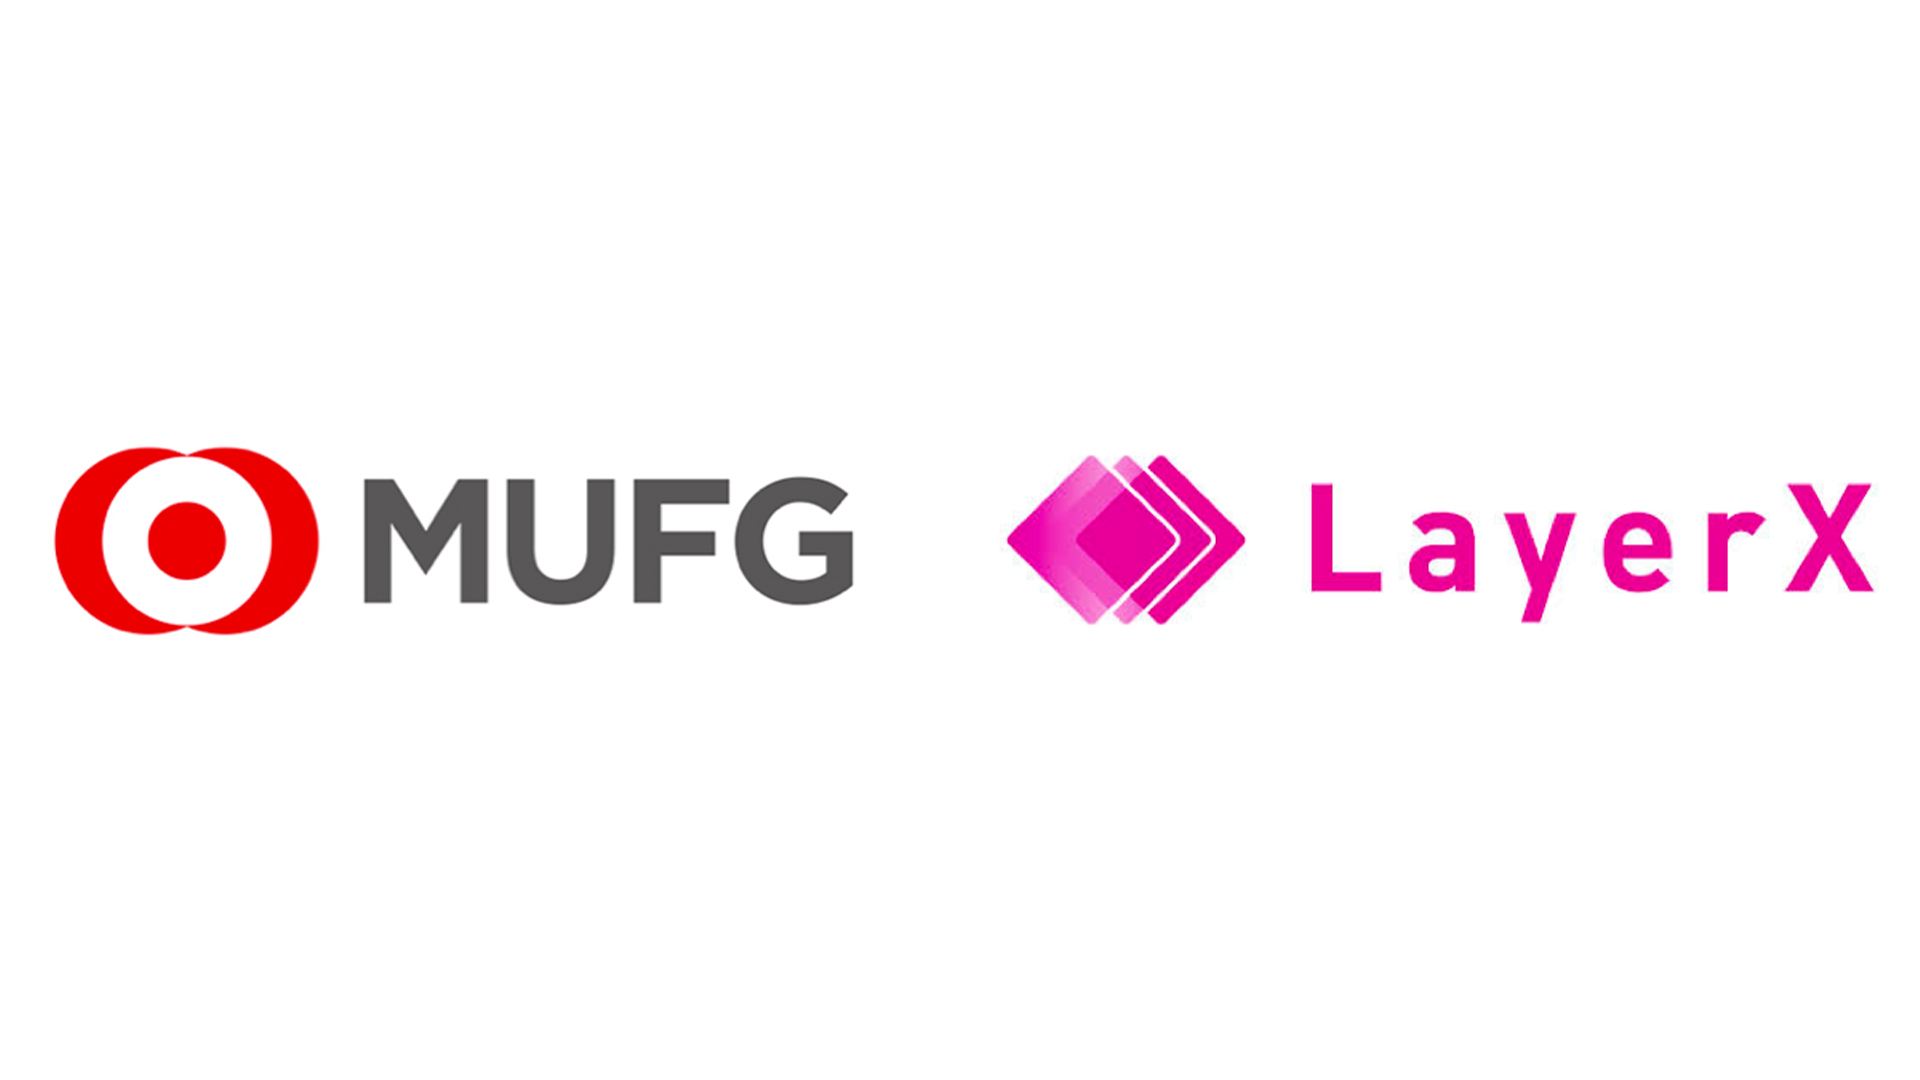 【「LayerX × MUFG」次世代のサービス提供に向けて協業】他、新着トレンド11月7日